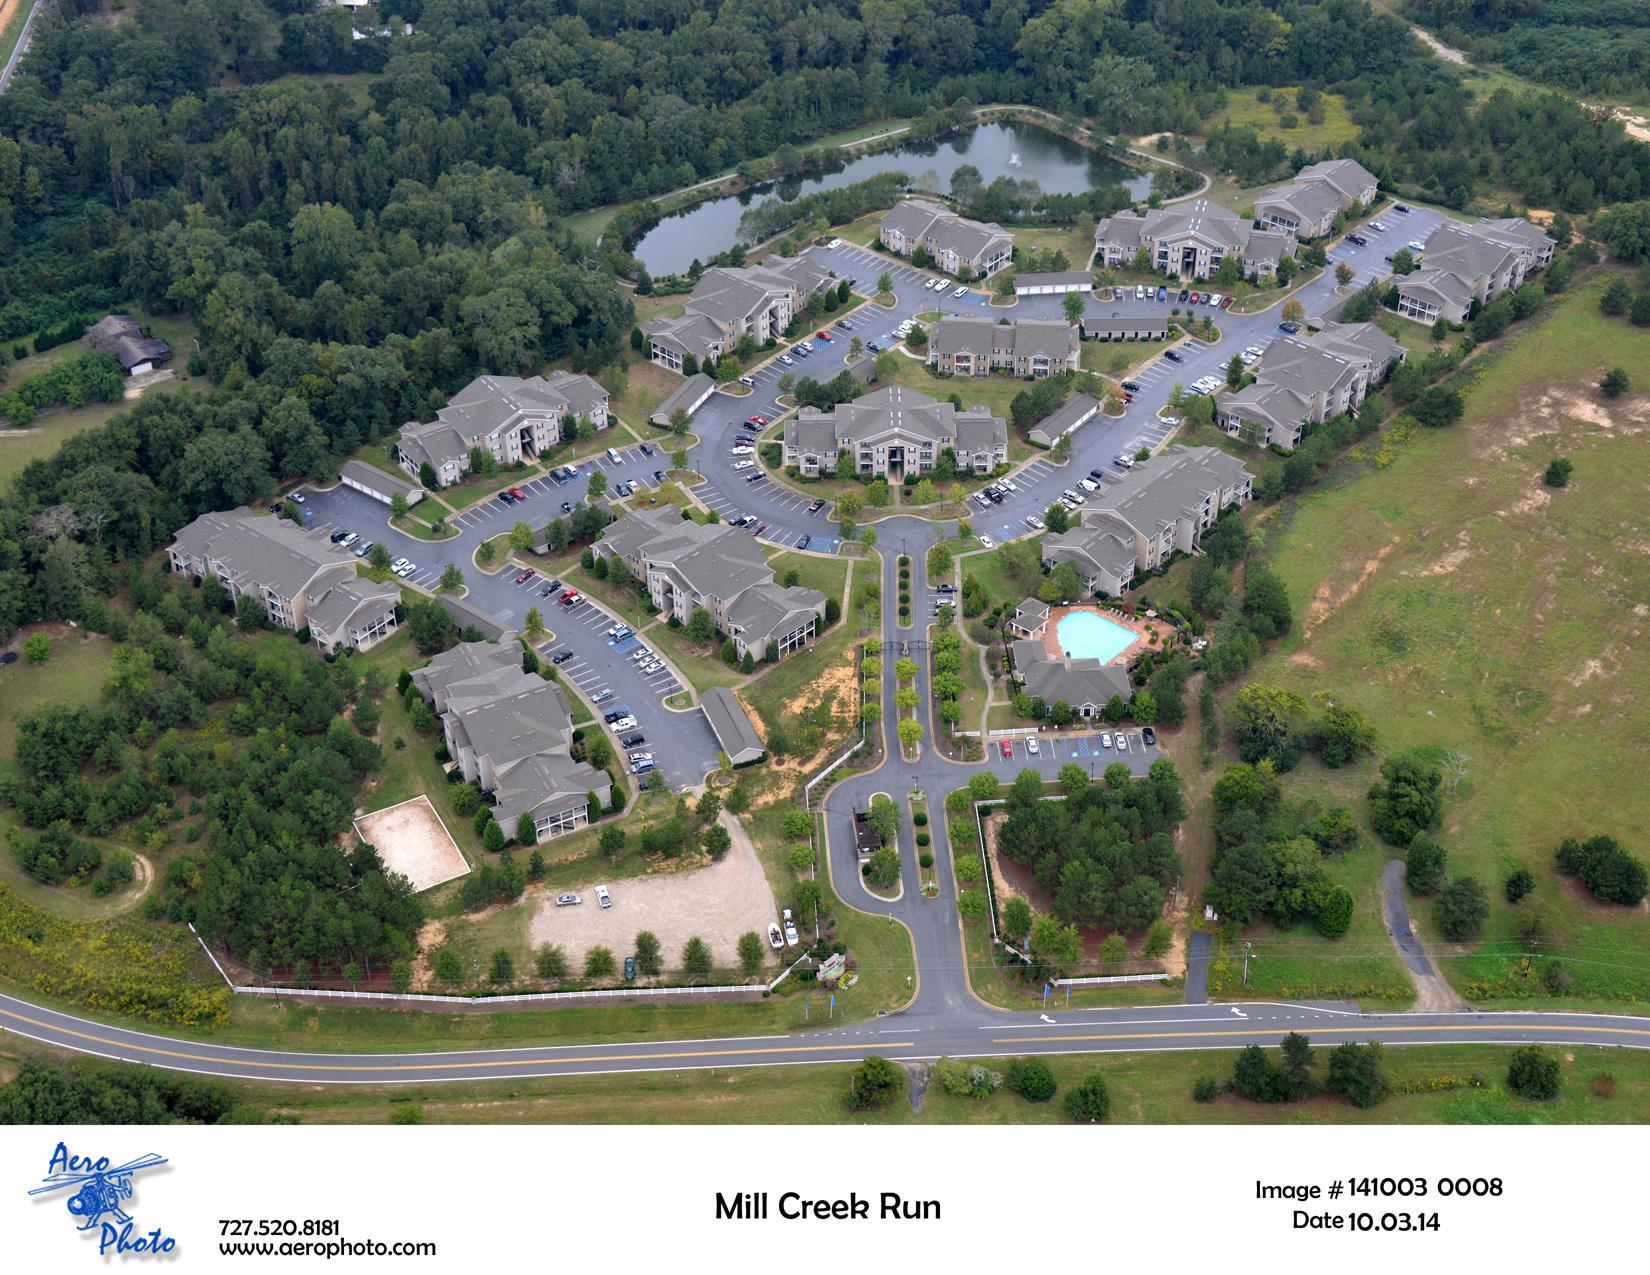 Mill Creek Run 1410030008.jpg